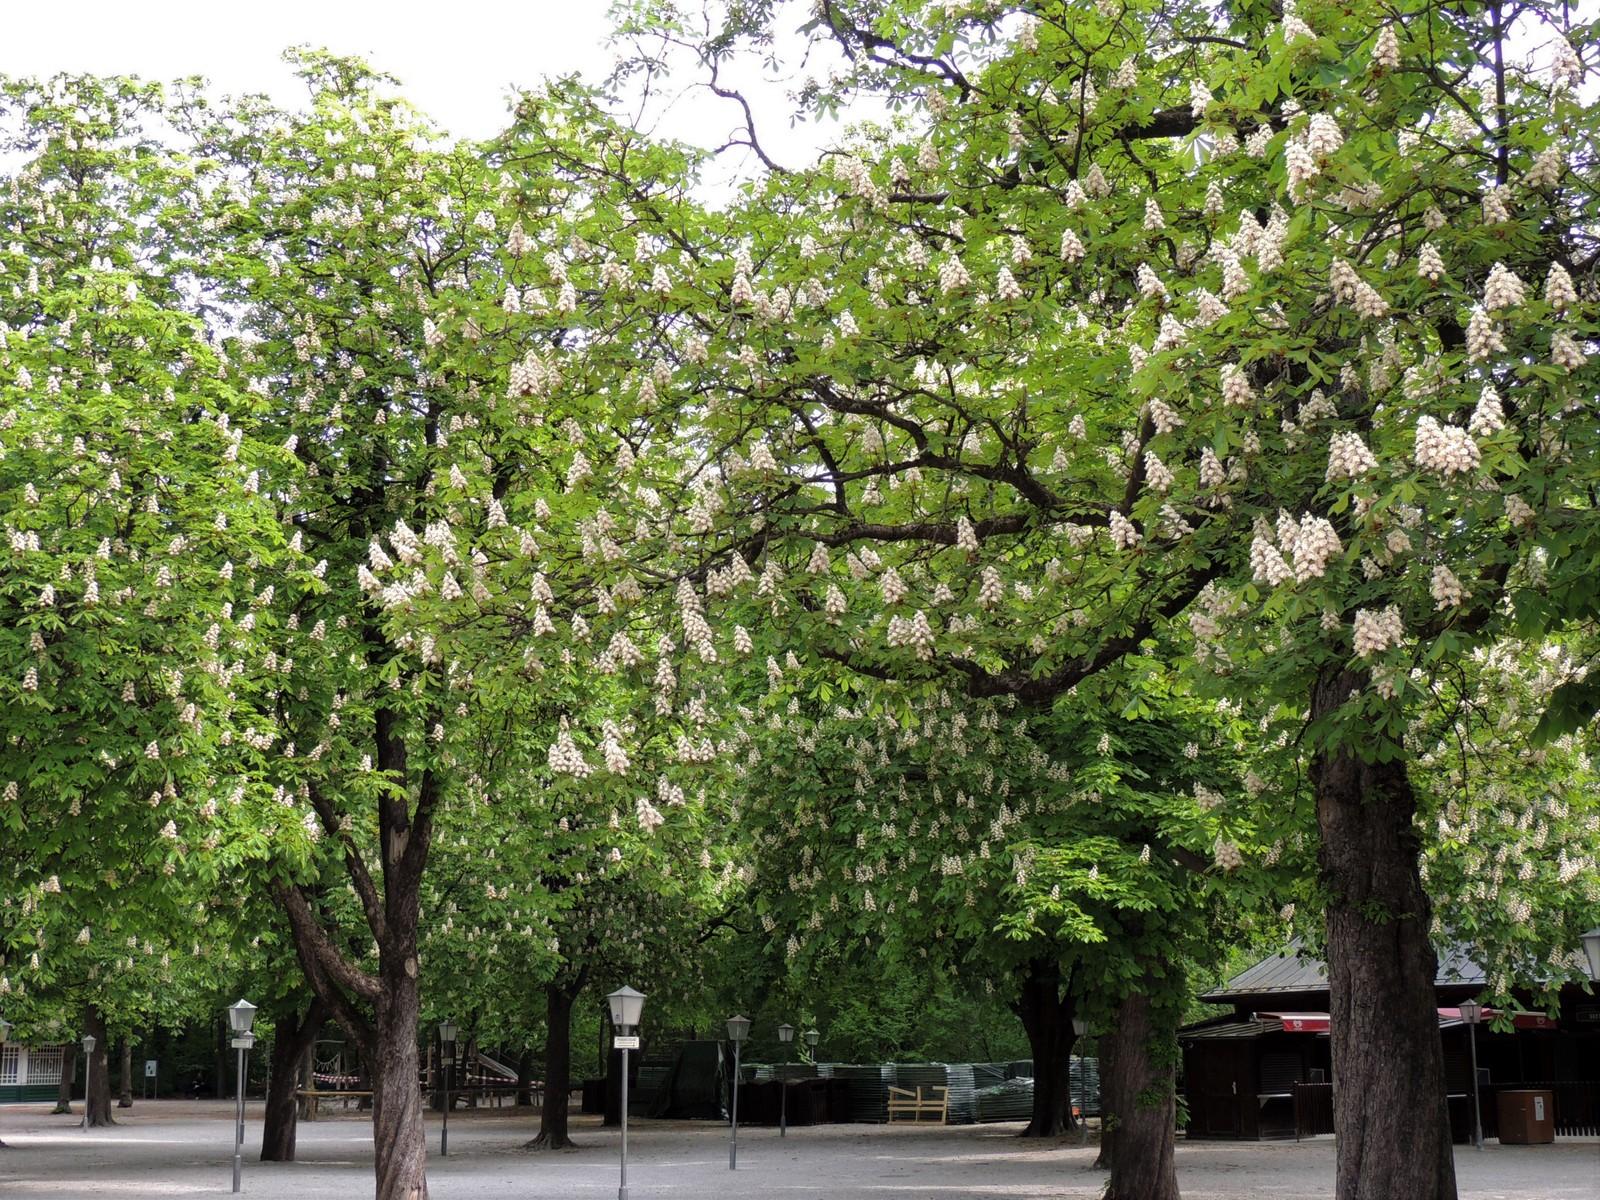 Der Englische Garten - Kastanienbäume im Biergarten Chinesischer Turm